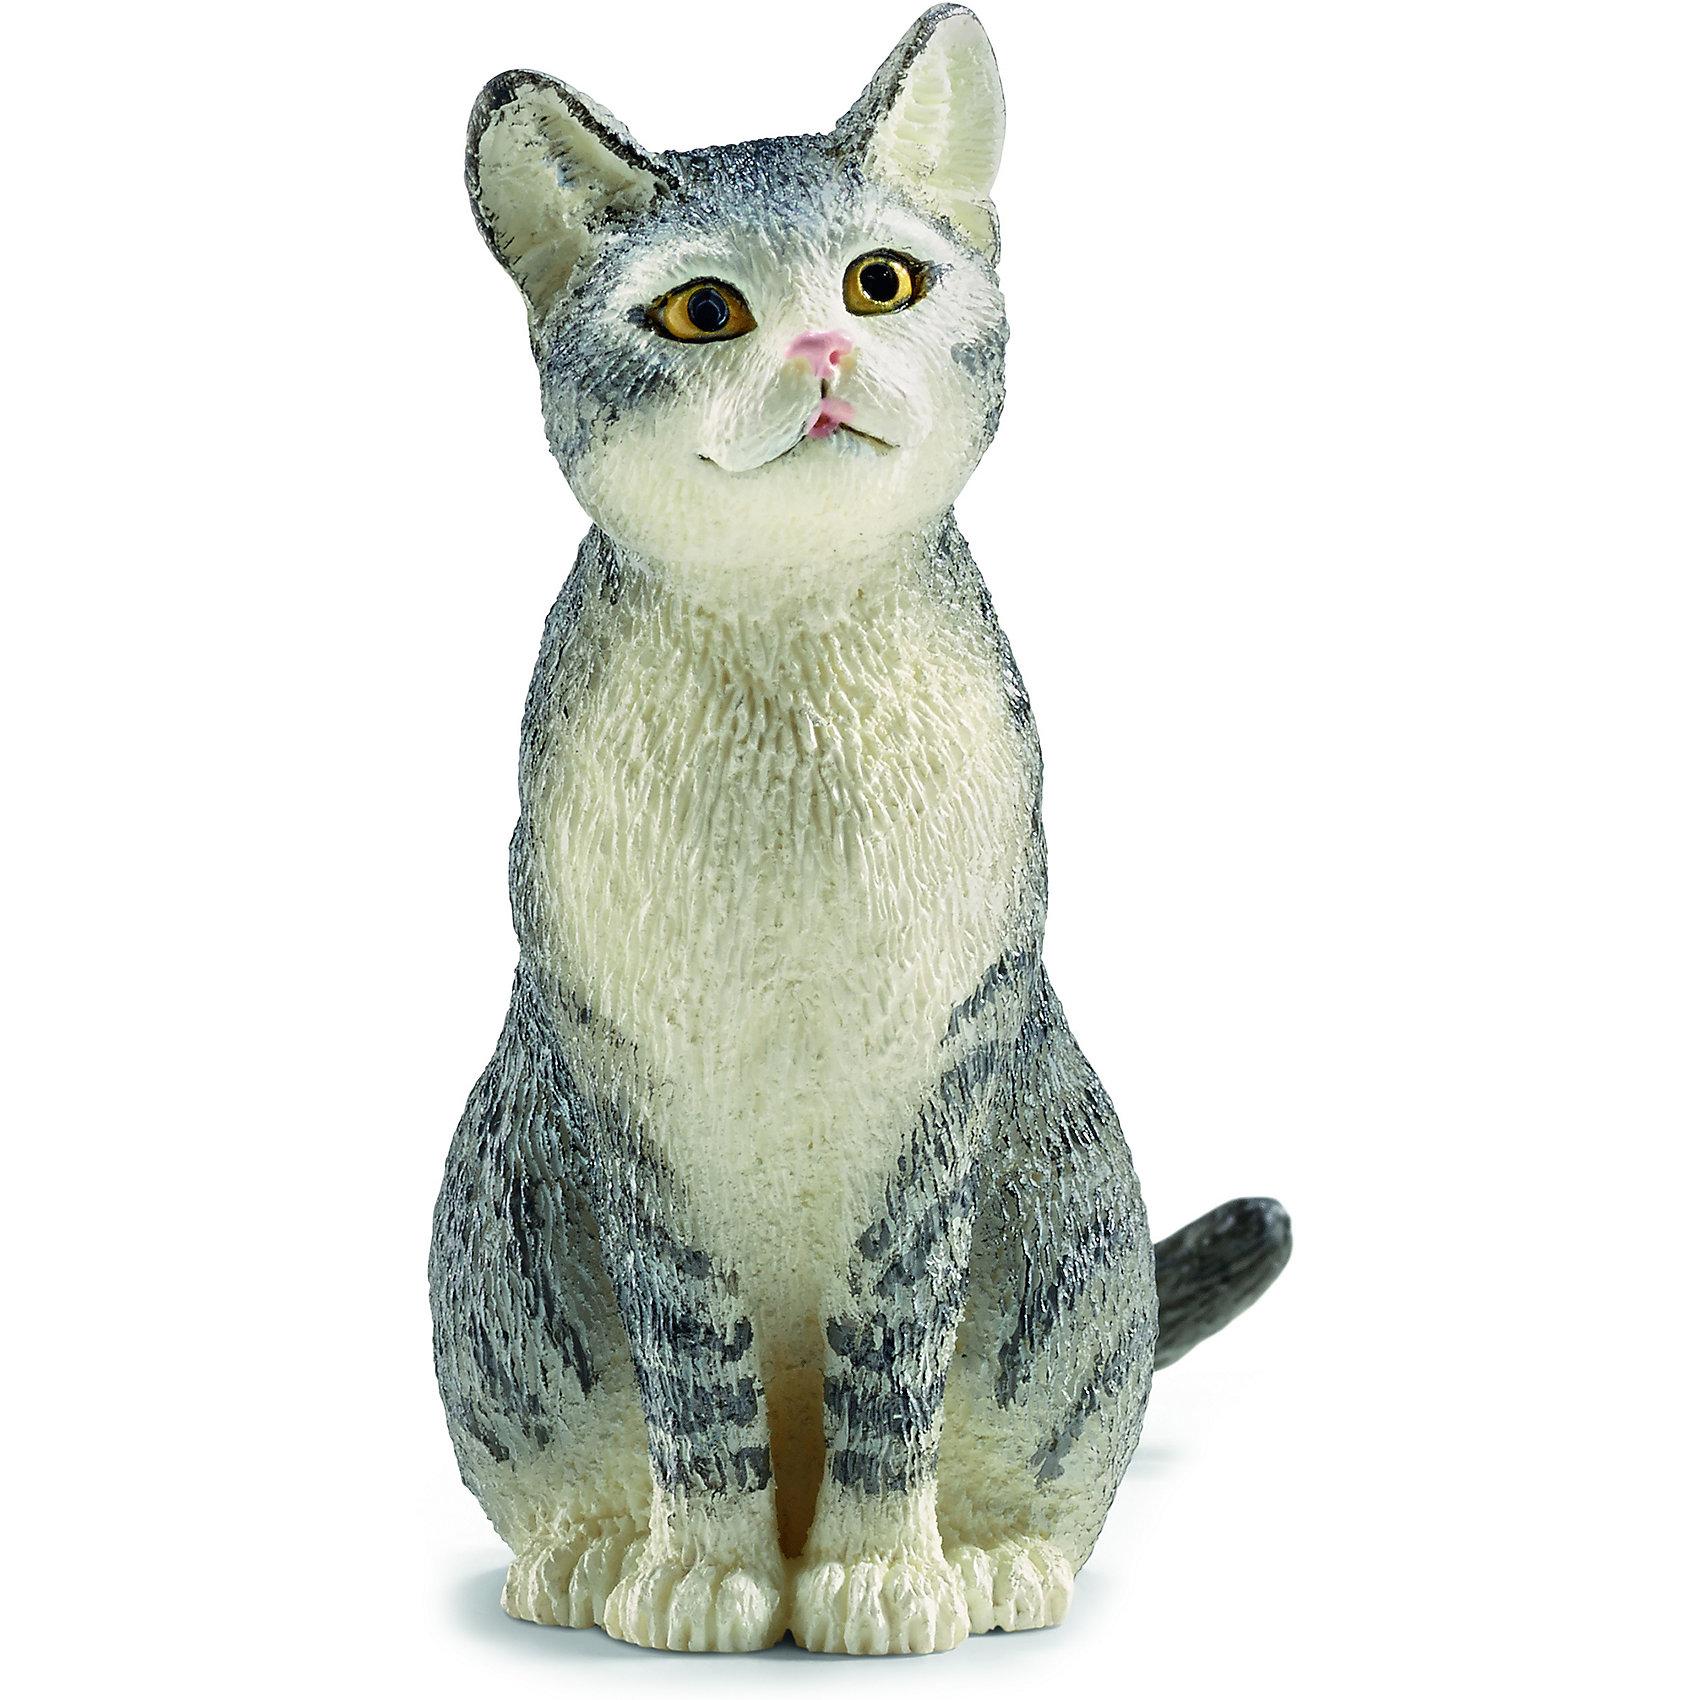 Кошка, SchleichМир животных<br>Кошка, Schleich (Шляйх) – это высококачественная коллекционная и игровая фигурка.<br>Очаровательная фигурка кошки прекрасно разнообразит игру вашего ребенка и станет отличным пополнением коллекции его фигурок домашних животных. Кошка – излюбленное и самое распространенное на земле животное, живущее в непосредственной близости к человеку. Не стоит забывать и об удивительной нежности и ласке, которую способны проявлять кошки. Ни один дом, ни одна ферма или хозяйство не обойдутся без этого животного, вносящего уют и покой в жилище человека. Игрушка выполнена в виде милой кошечки, которая сидит на задних лапках. Основной цвет игрушки – серый. Животик и лапки у кошки – белые. У нее яркие горящие глазки и приподнятая вверх мордочка. <br>Прекрасно выполненные фигурки Schleich (Шляйх) являются максимально точной копией настоящих животных и отличаются высочайшим качеством игрушек ручной работы. Каждая фигурка разработана с учетом исследований в области педагогики и производится как настоящее произведение для маленьких детских ручек. Все фигурки Schleich (Шляйх) сделаны из гипоаллергенных высокотехнологичных материалов, раскрашены вручную и не вызывают аллергии у ребенка.<br><br>Дополнительная информация:<br><br>- Размер фигурки: 4,5 x 2,5 x 3,8 см.<br>- Материал: высококачественный каучуковый пластик<br><br>Фигурку Кошки, Schleich (Шляйх) можно купить в нашем интернет-магазине.<br><br>Ширина мм: 57<br>Глубина мм: 43<br>Высота мм: 22<br>Вес г: 14<br>Возраст от месяцев: 36<br>Возраст до месяцев: 96<br>Пол: Унисекс<br>Возраст: Детский<br>SKU: 3902496